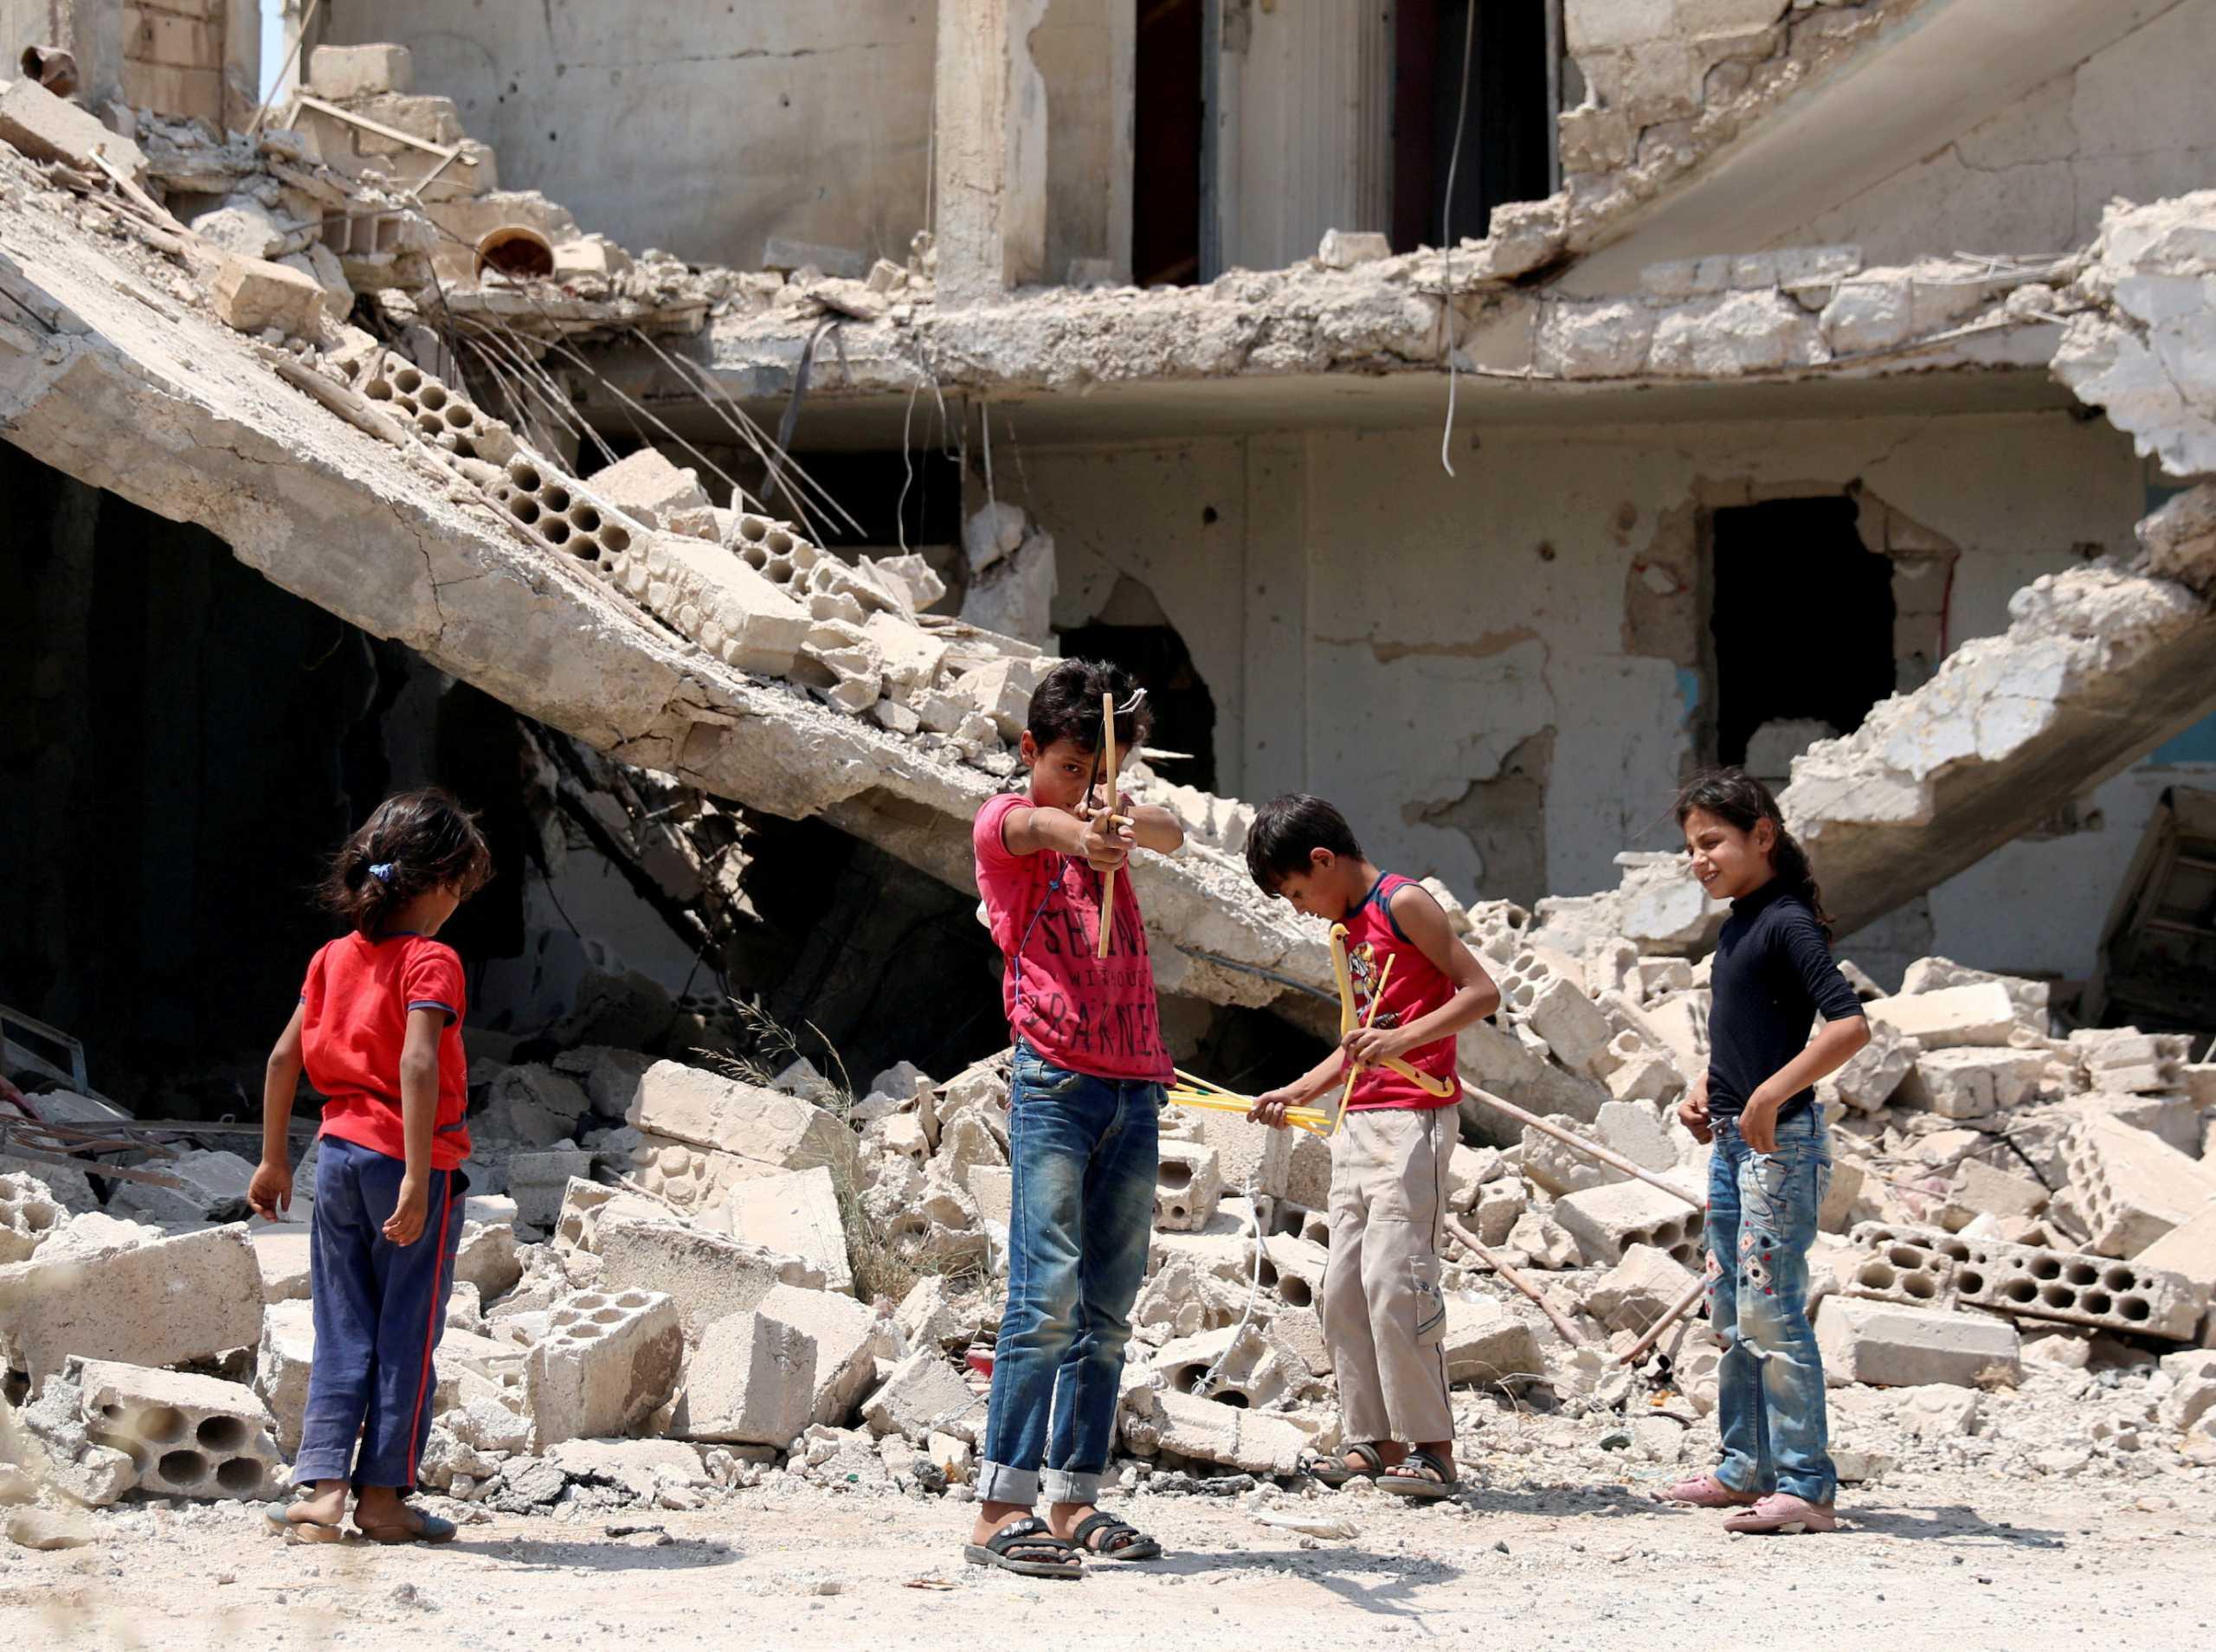 Συρία: Πάνω από 38.000 άνθρωποι εκτοπίστηκαν λόγω μαχών στη Ντεράα